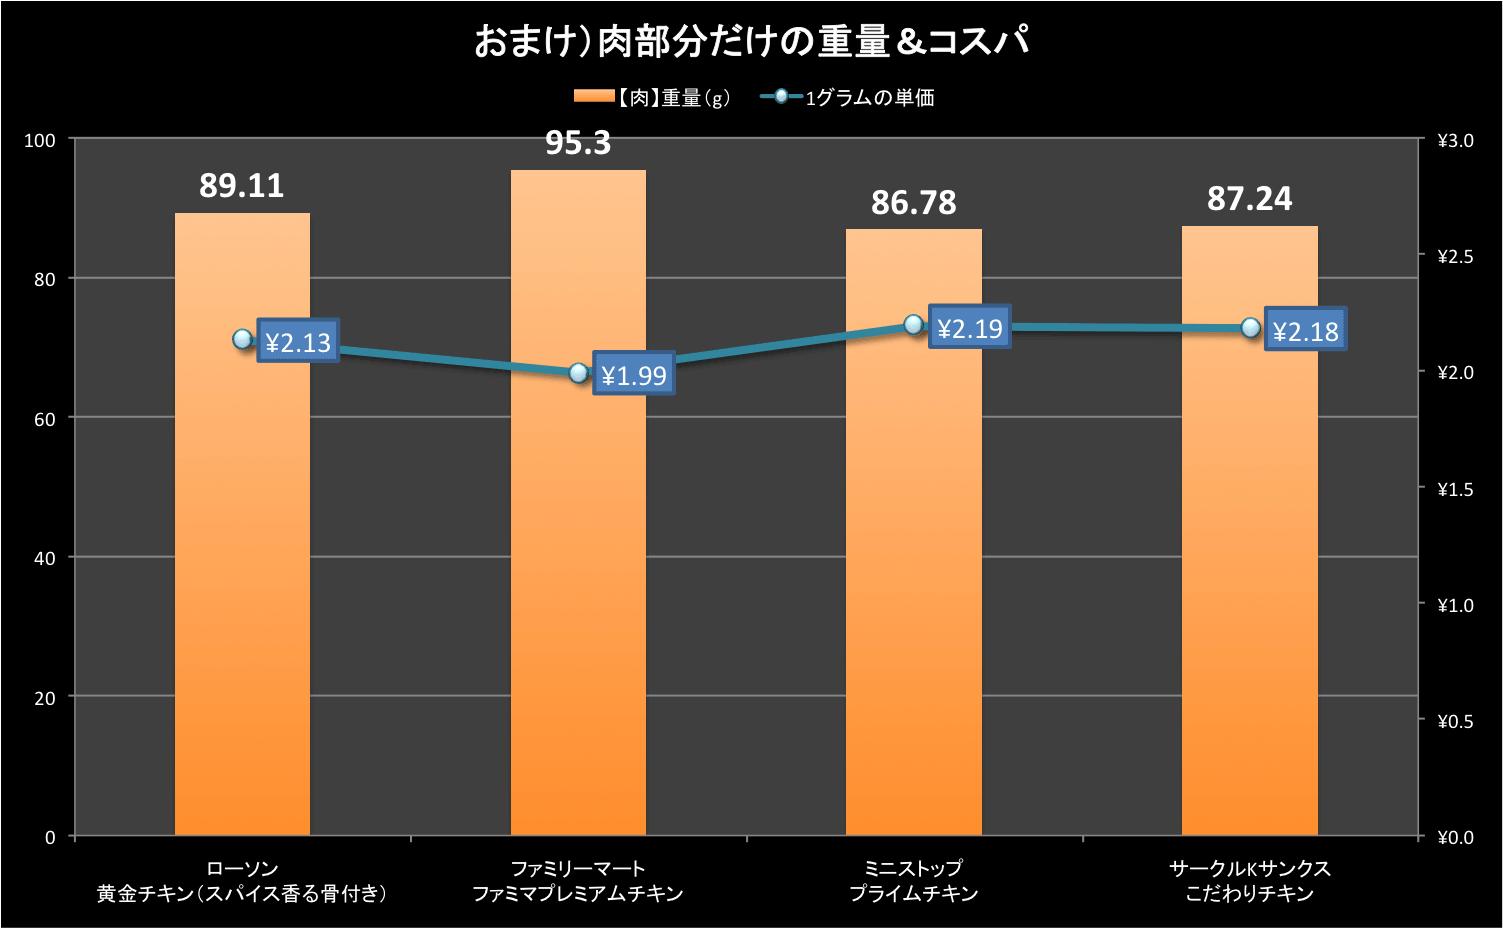 data_chicken_1_02